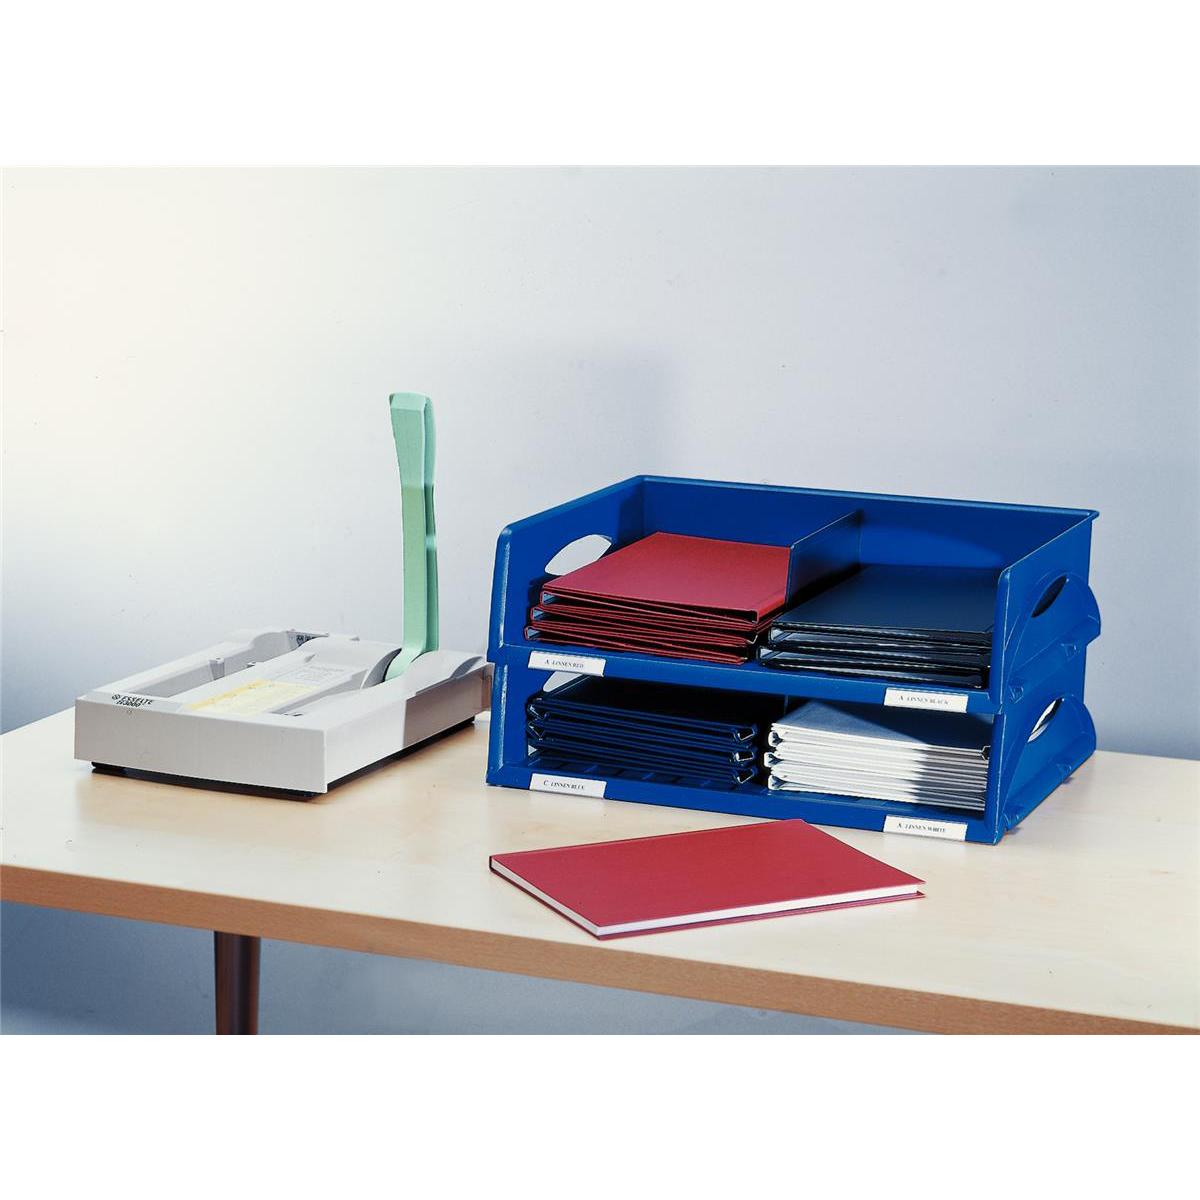 Leitz Jumbo Letter Tray Blue Ref 5232-00-35